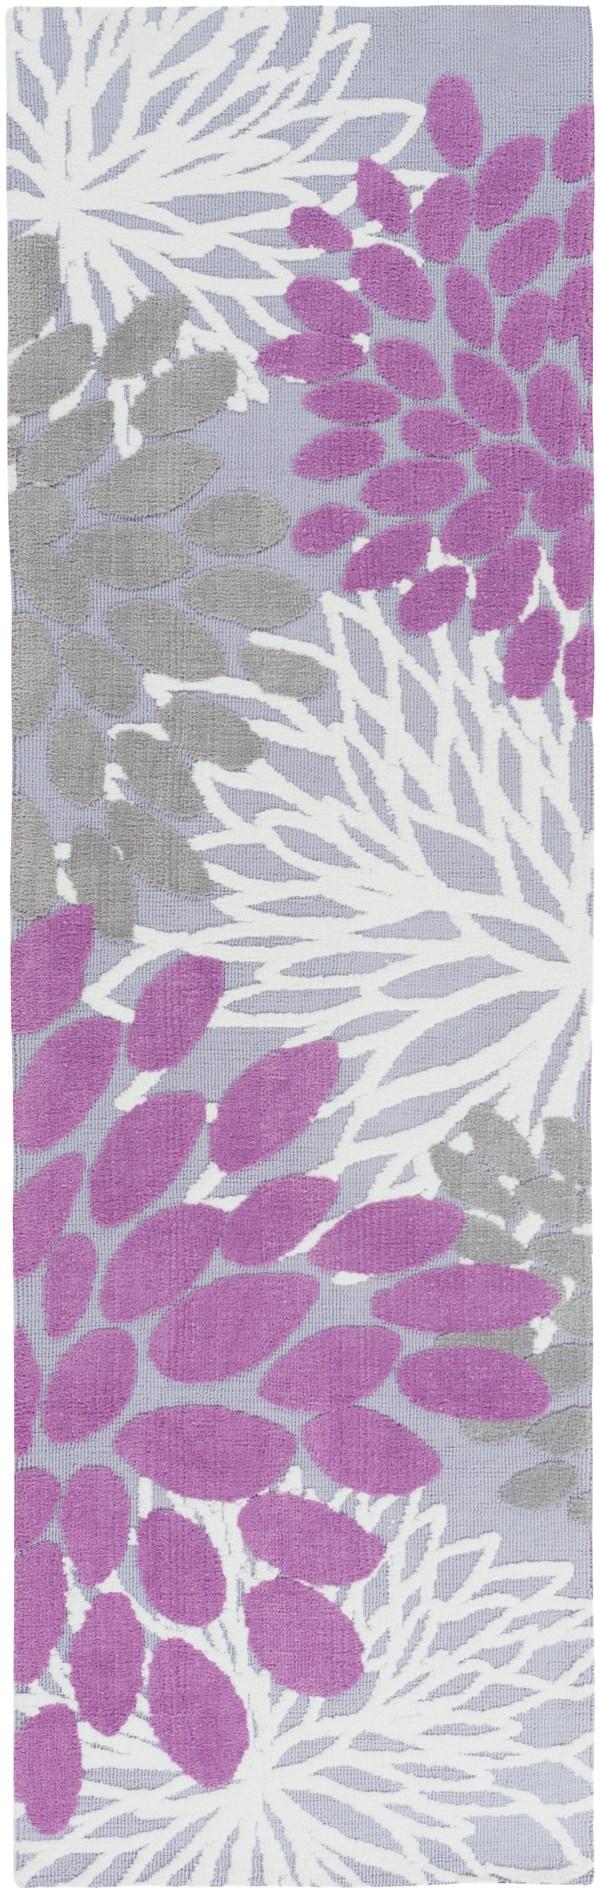 Orchid, Lavender, Grey Floral / Botanical Area Rug